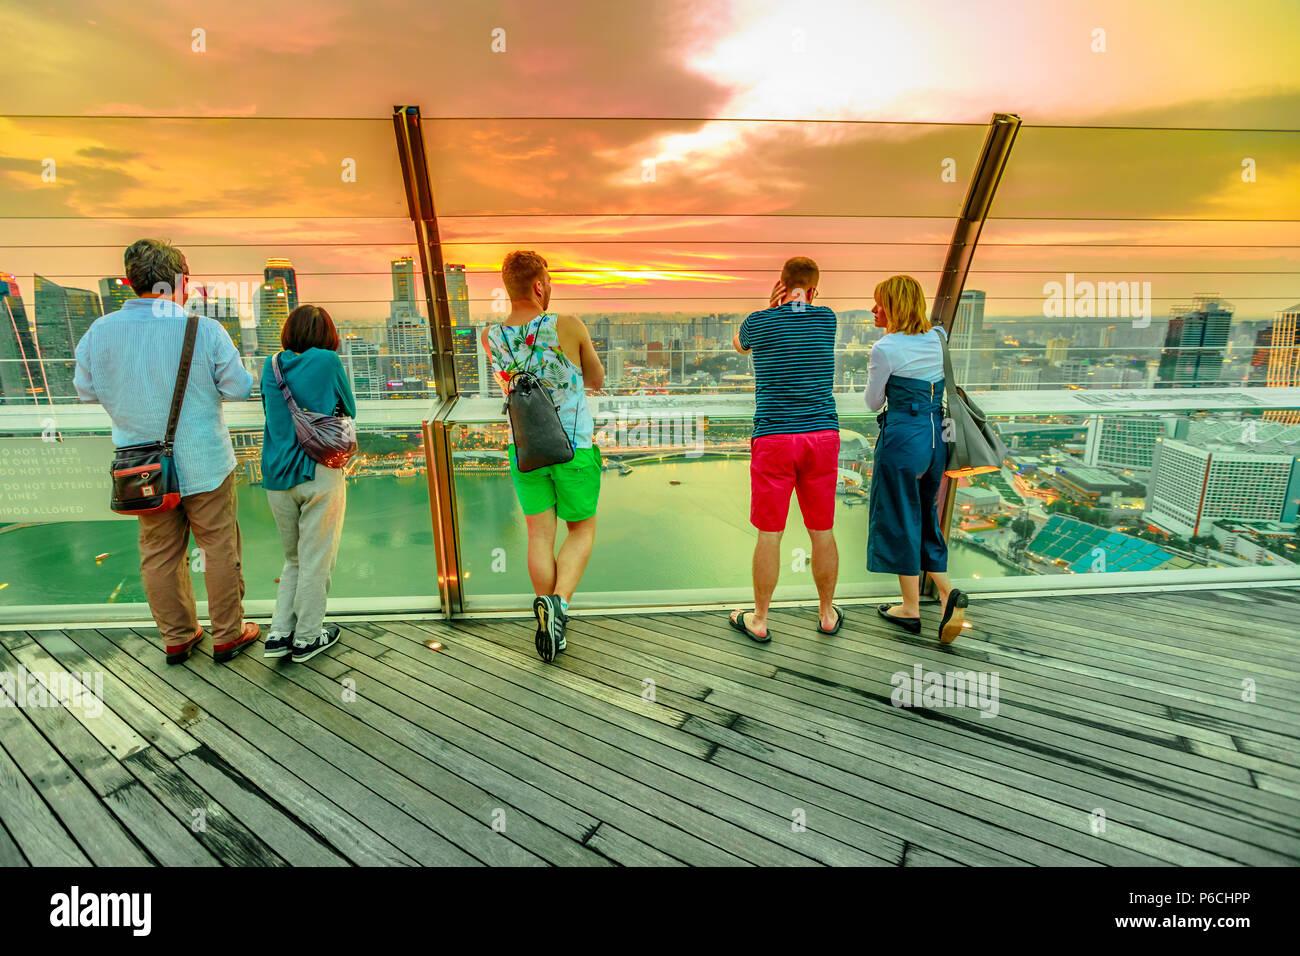 Singapour - 3 mai 2018: les touristes à la recherche d'une vue panoramique à partir de la plate-forme d'observation Skypark de Marina Bay Sands Hotel and Casino. Financial District skyline sur arrière-plan. Tourné au coucher du soleil. Banque D'Images